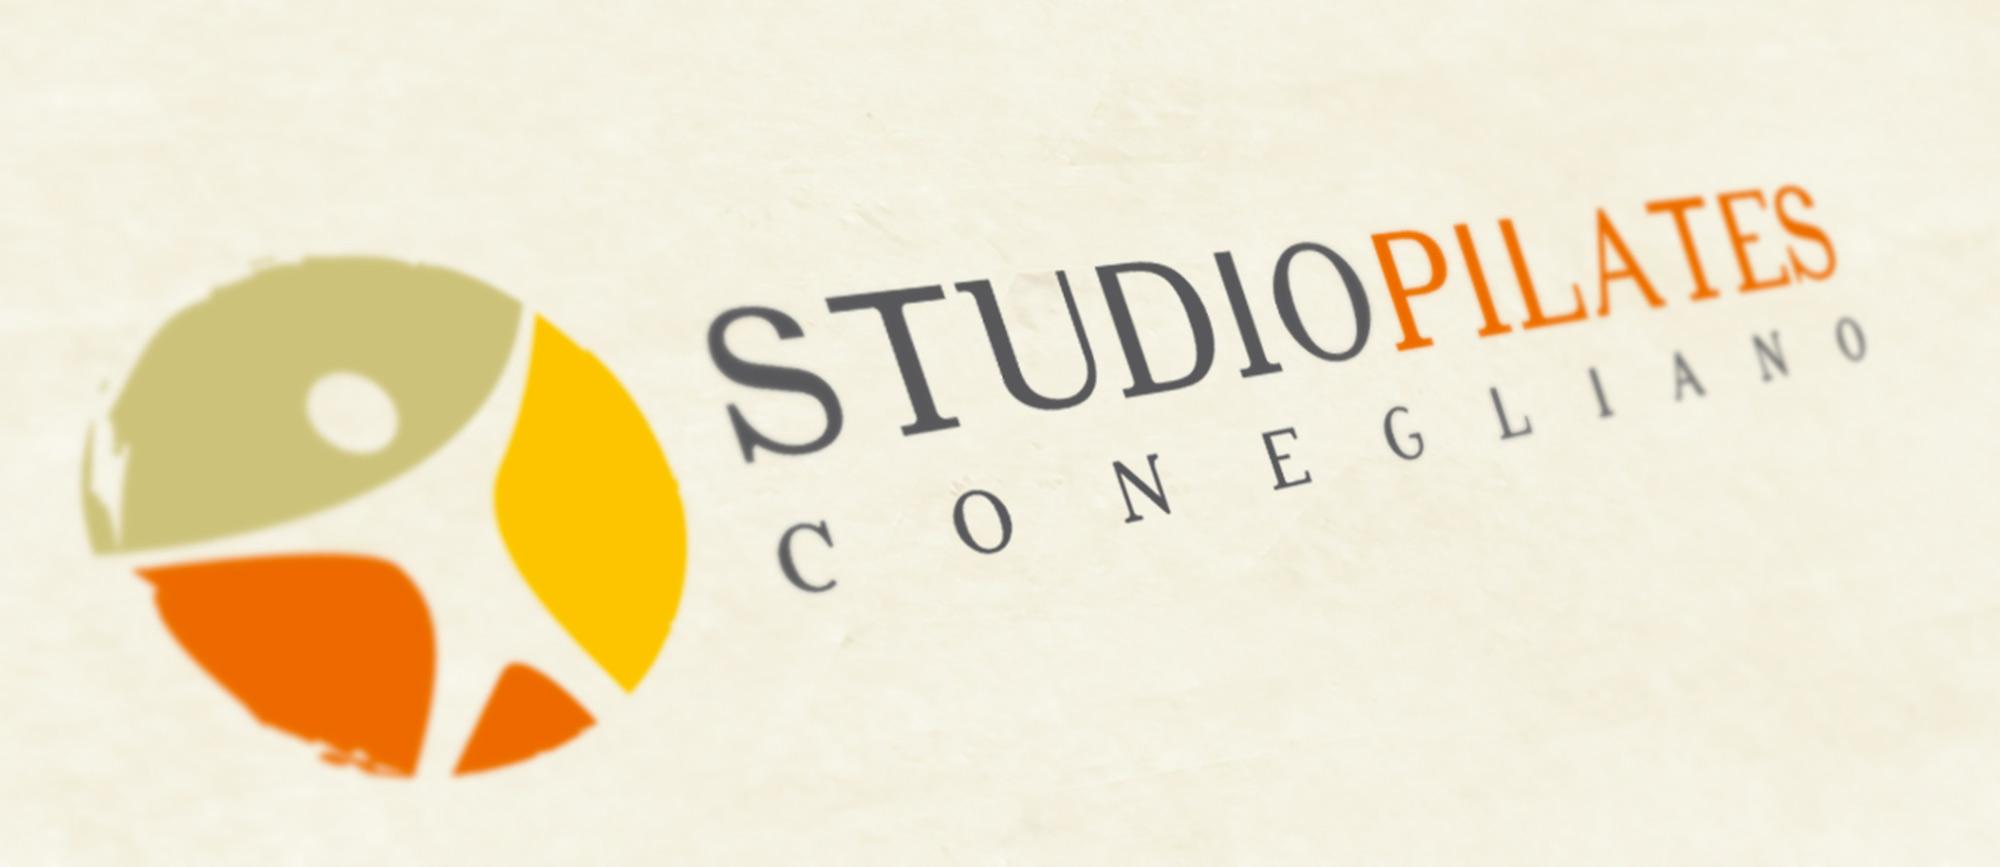 GRAFICA360_studiopilates_logo